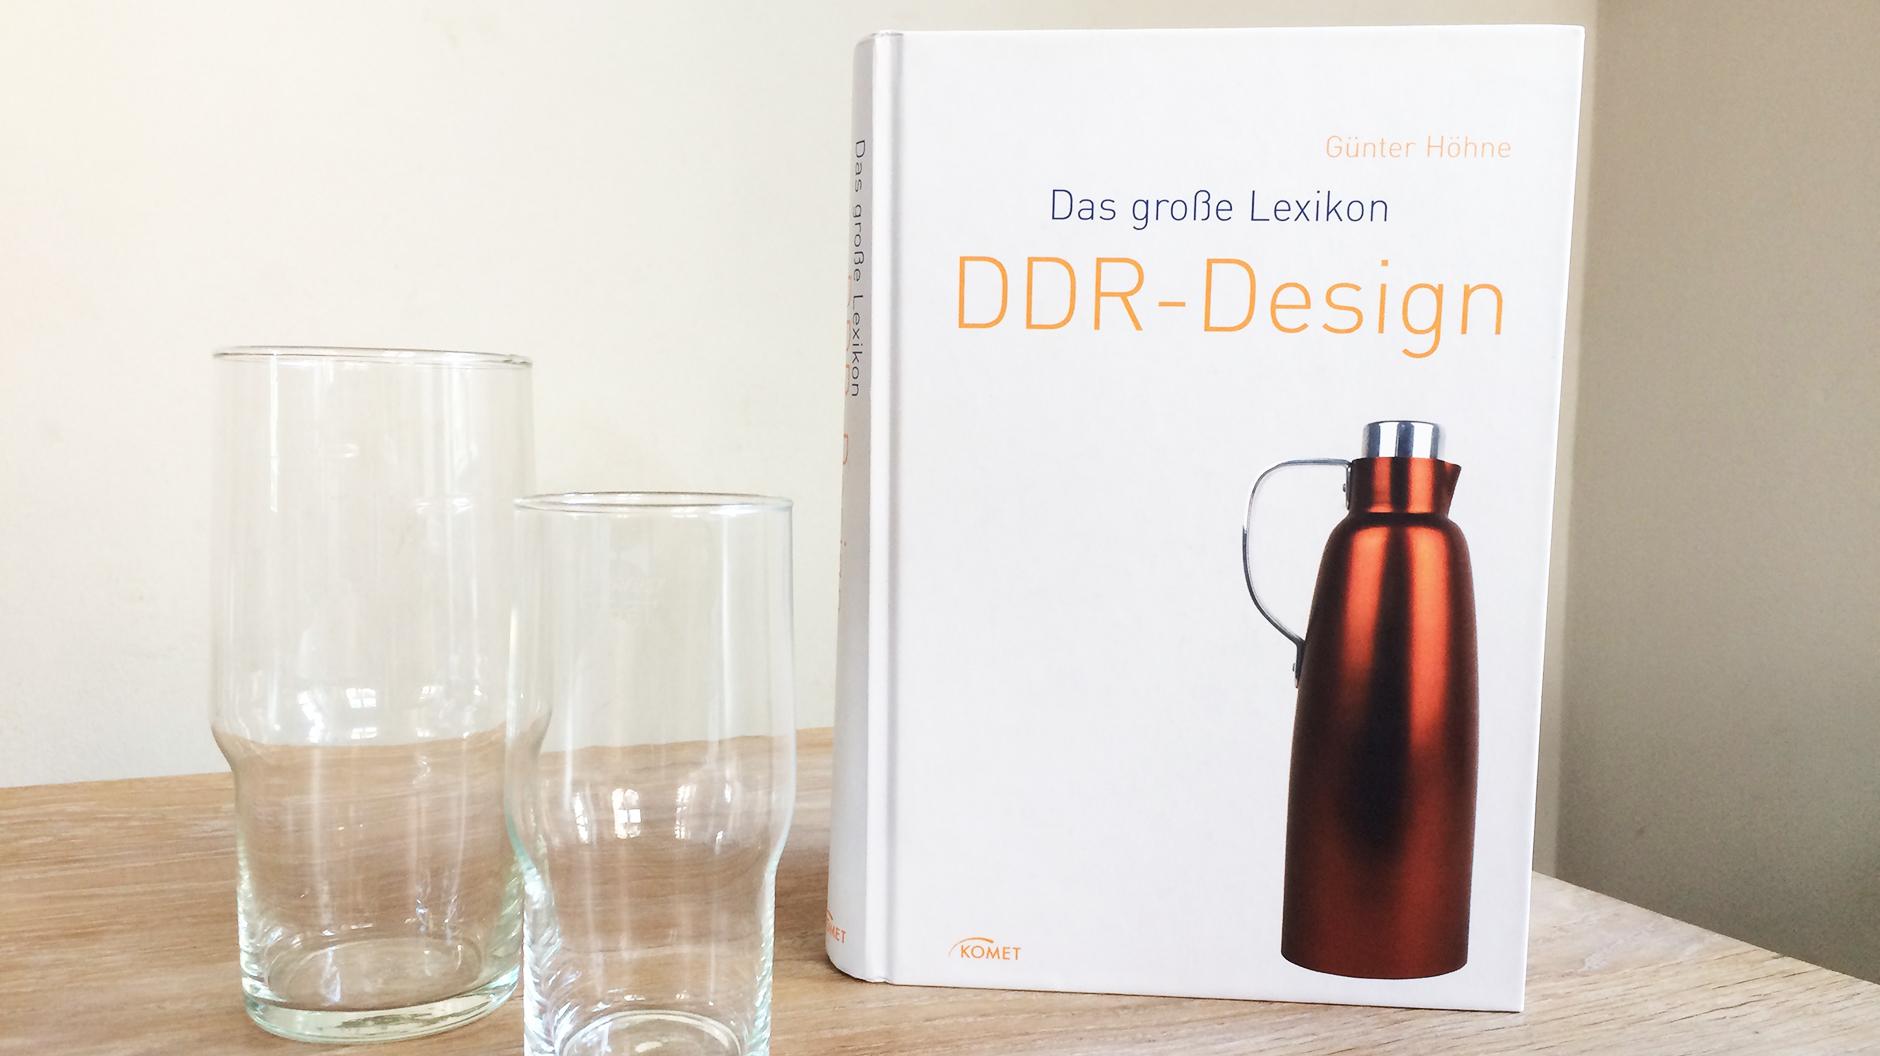 DDR-Design von Günter Höhne und die Superfest Gläser, Barbara Hallmann